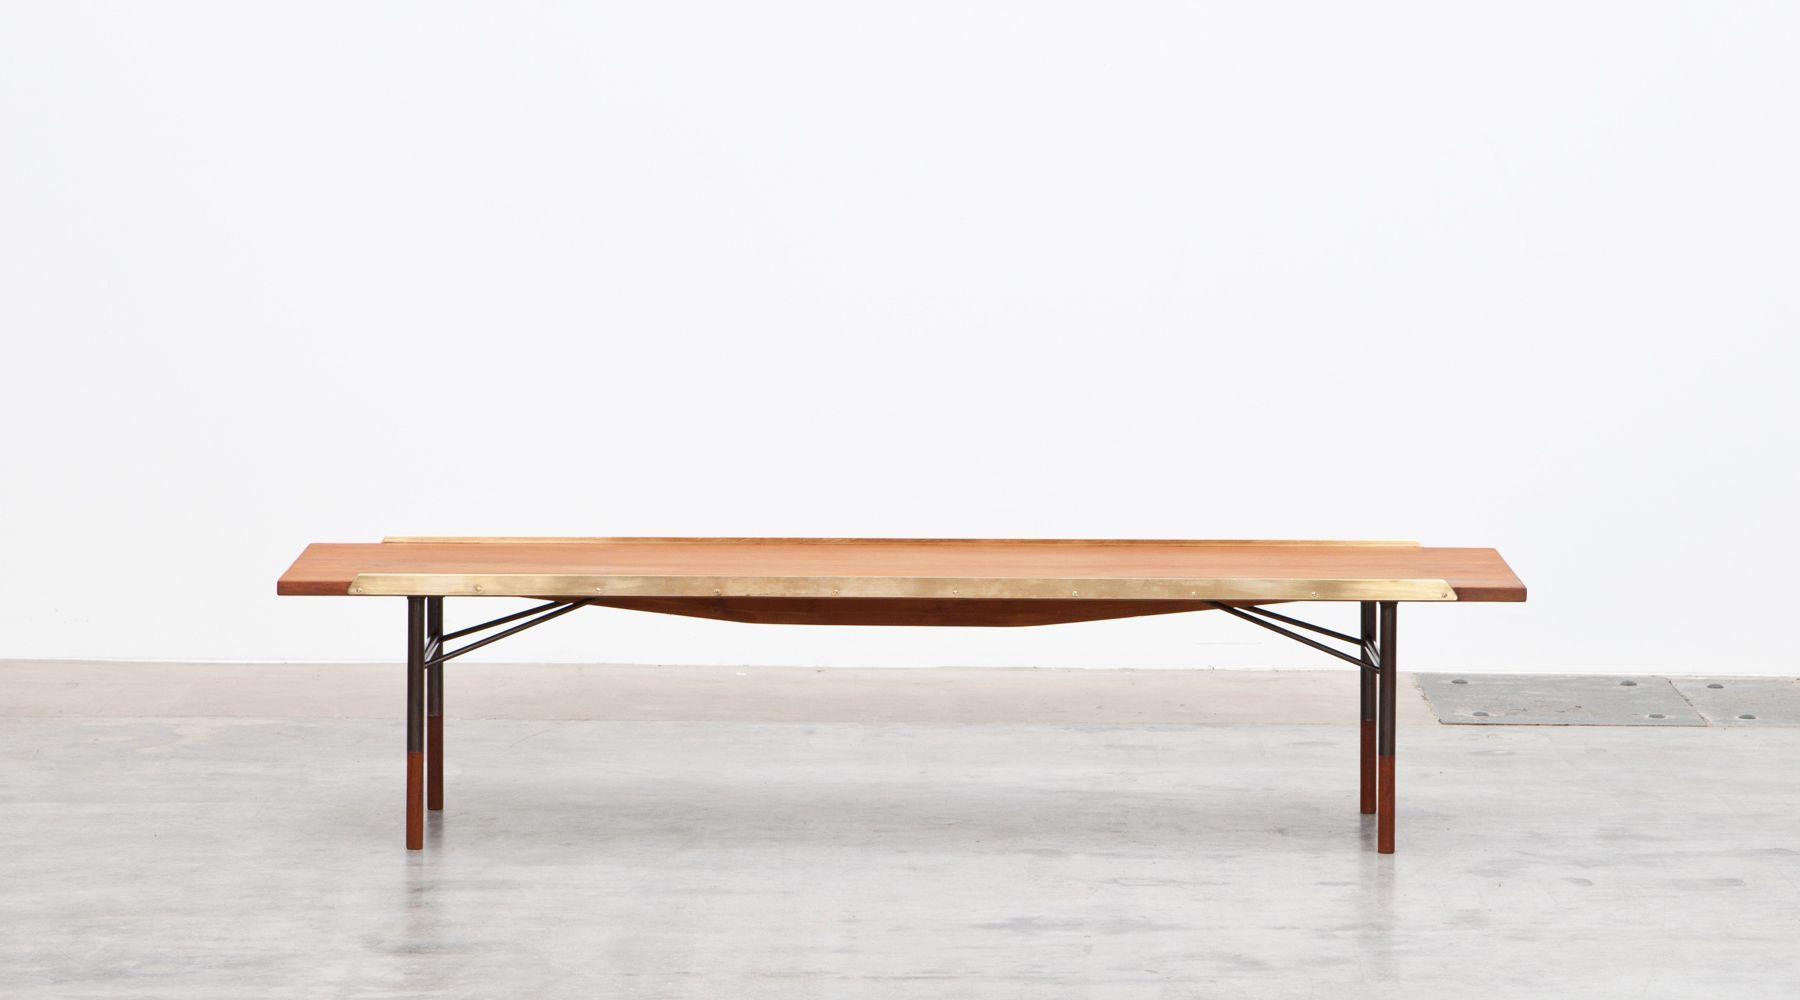 Tremendous Bench By Finn Juhl Frank Landau Pabps2019 Chair Design Images Pabps2019Com